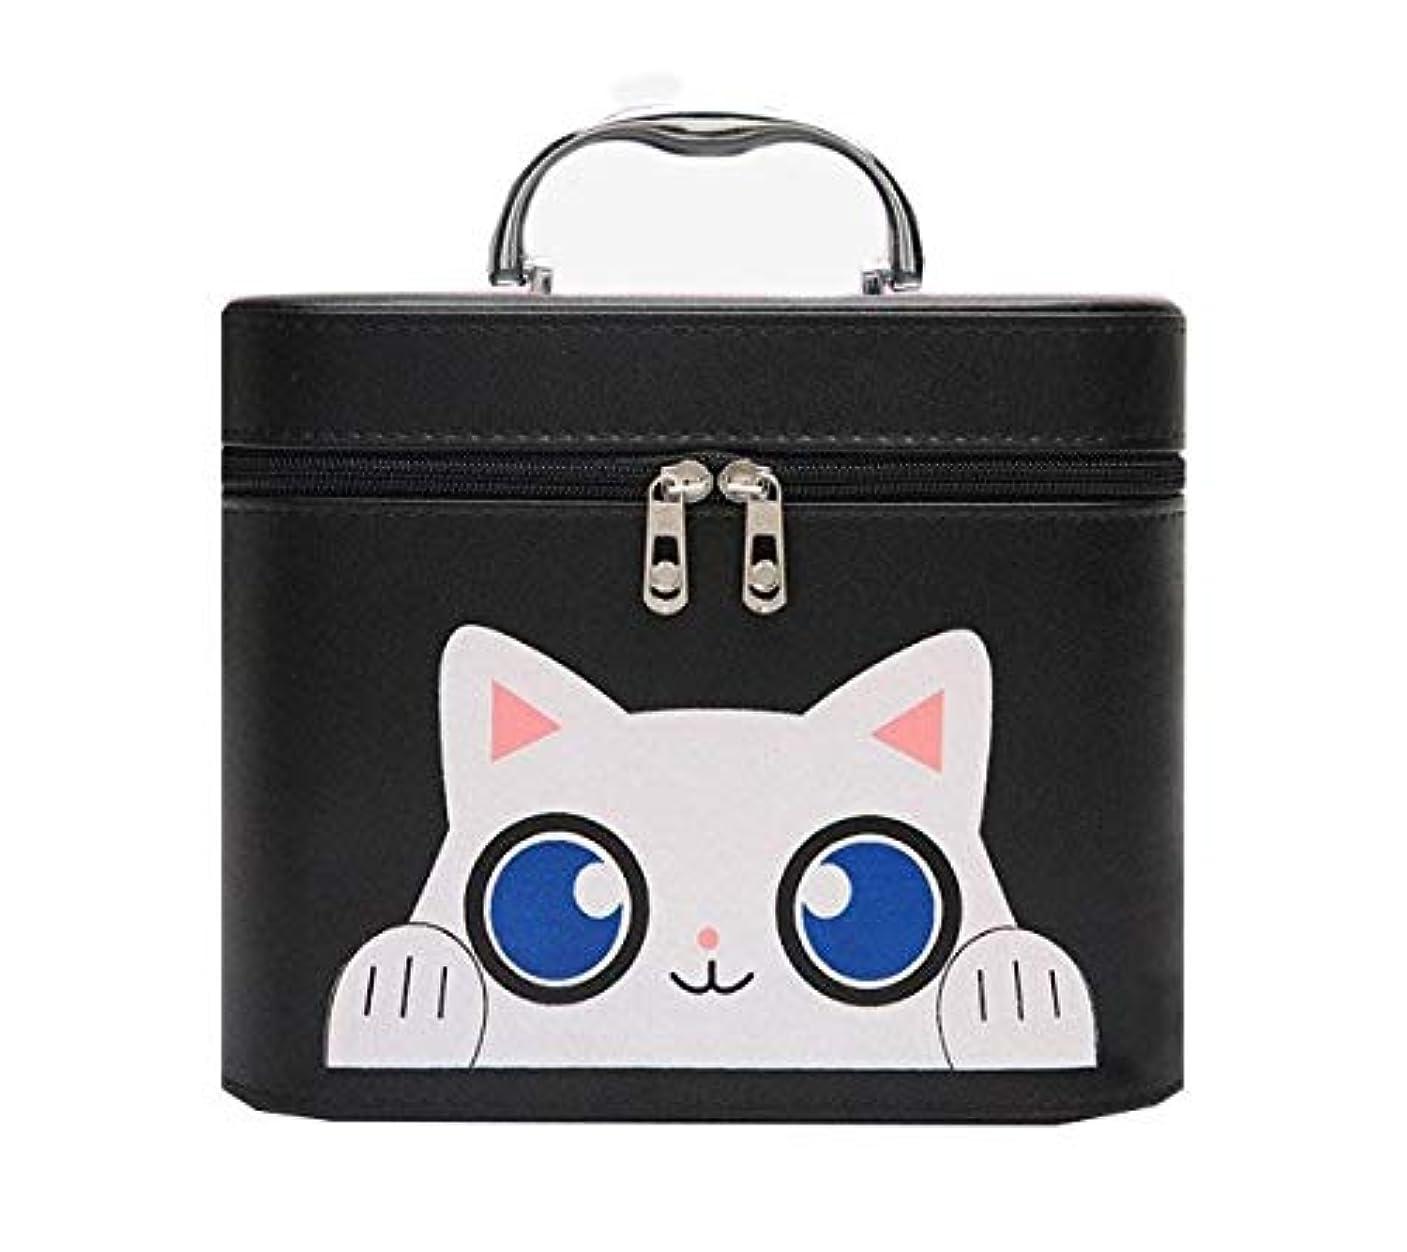 変化する怪物事故化粧箱、黒漫画猫化粧品ケース、ポータブル旅行化粧品ケース、美容ネイルジュエリー収納ボックス (Size : L)